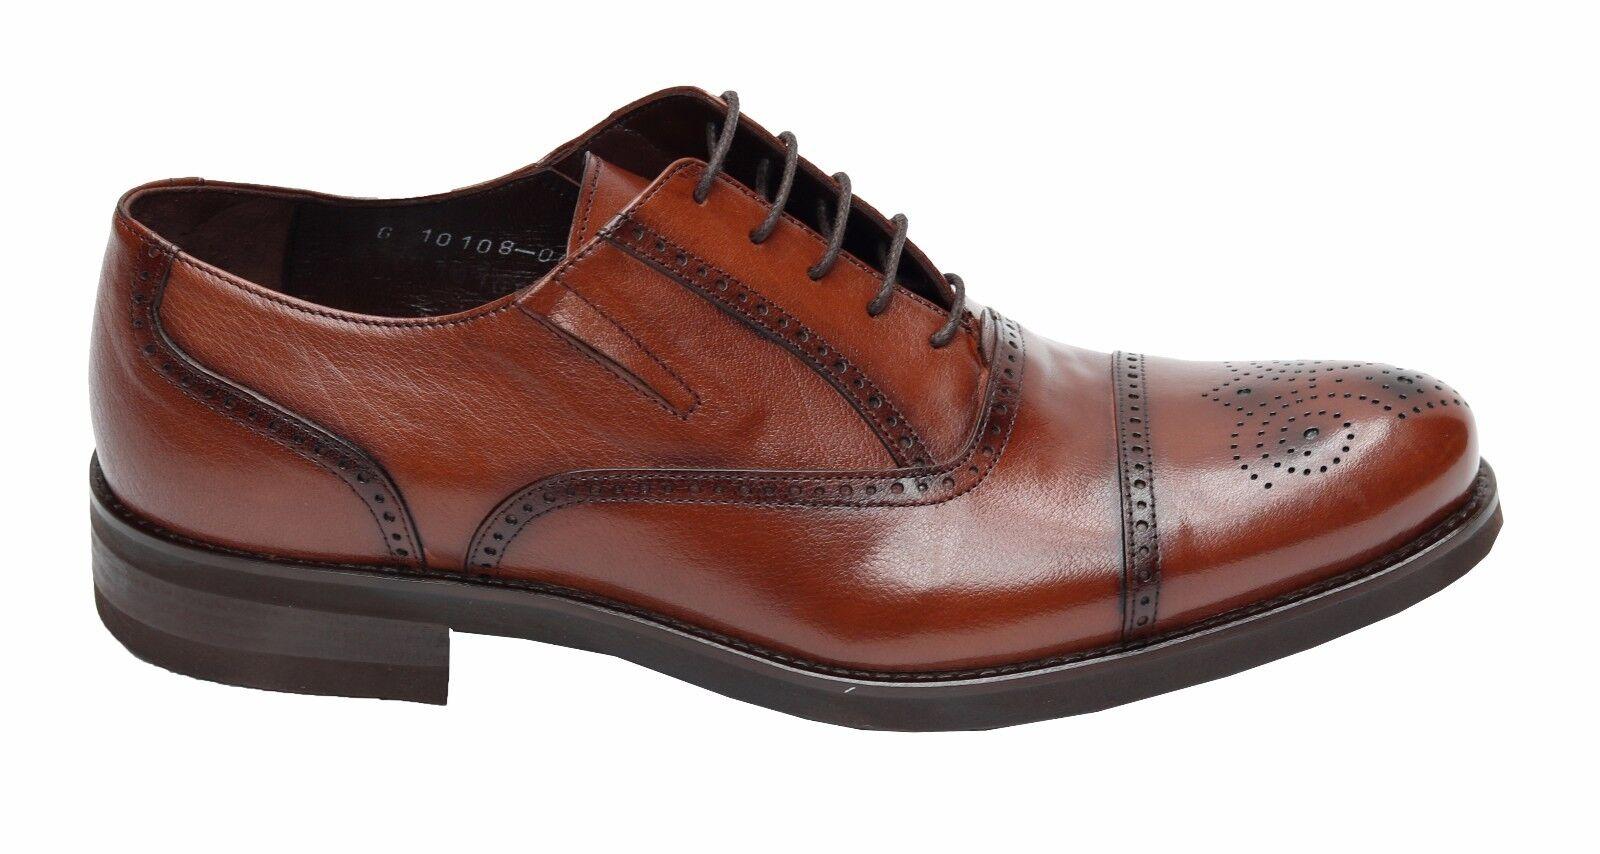 Echtleder Herren Schuhe Budapester Gr.42 Hellbraun